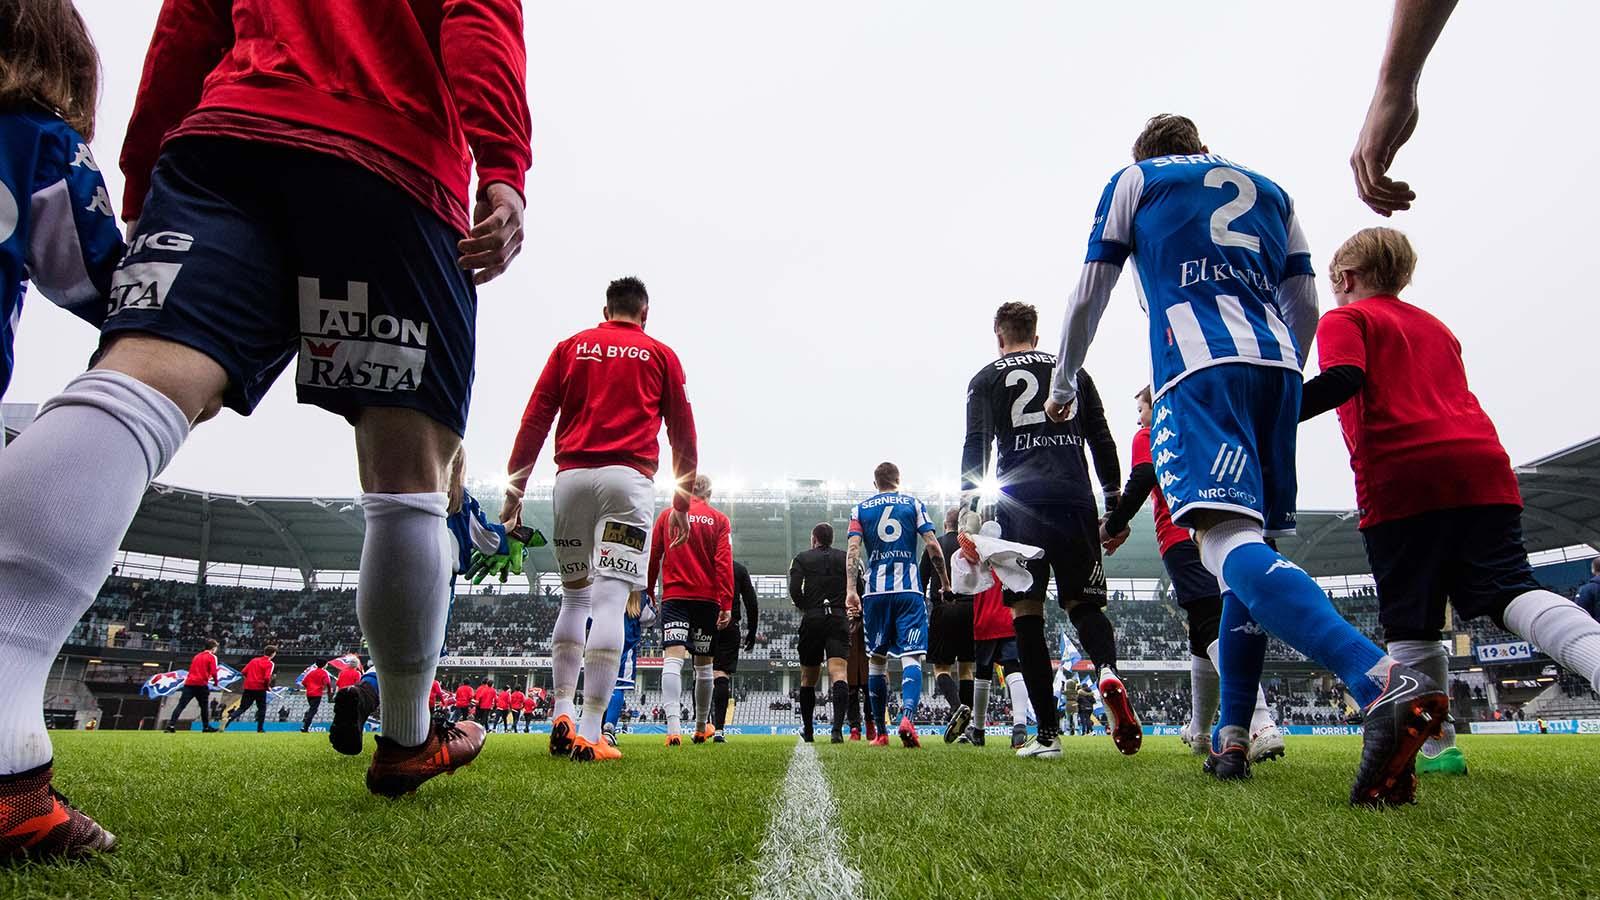 180324 Lagen på väg ut för line up innan en träningsmatch i fotboll mellan IFK Göteborg och Örgryte den 24 mars 2018 i Göteborg. Foto: Michael Erichsen / BILDBYRÅN / Cop 89